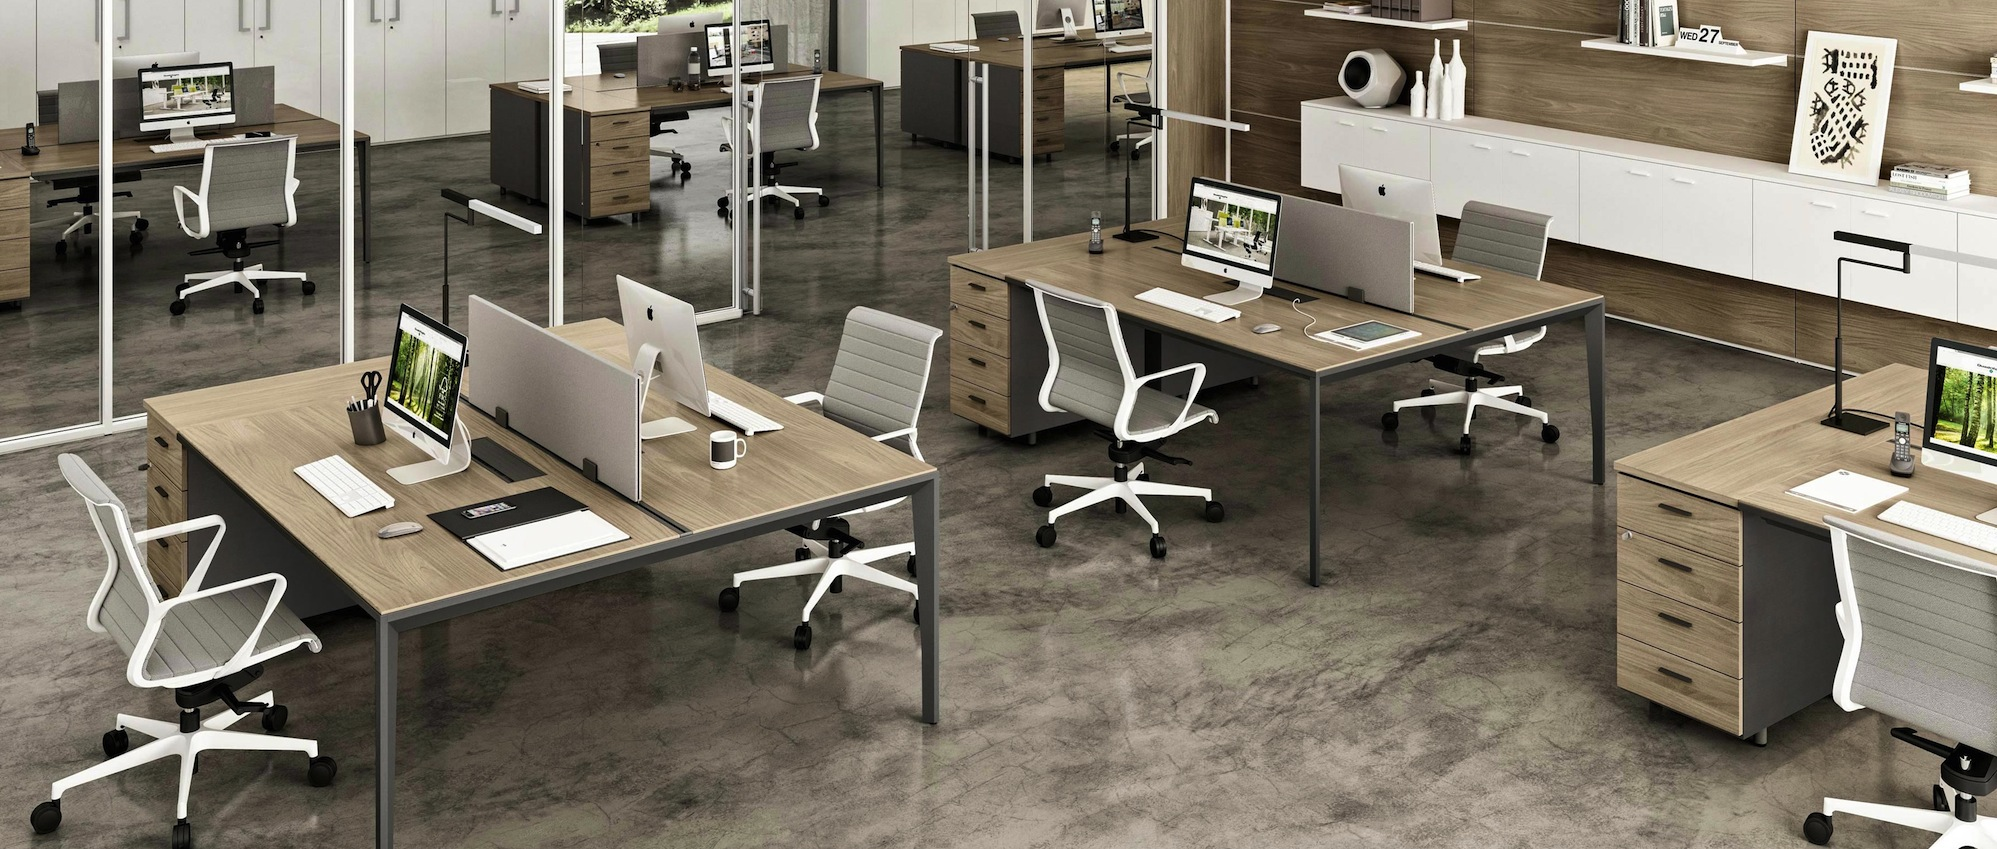 aménagement de bureaux professionnels & agencement bureaux sur mesure